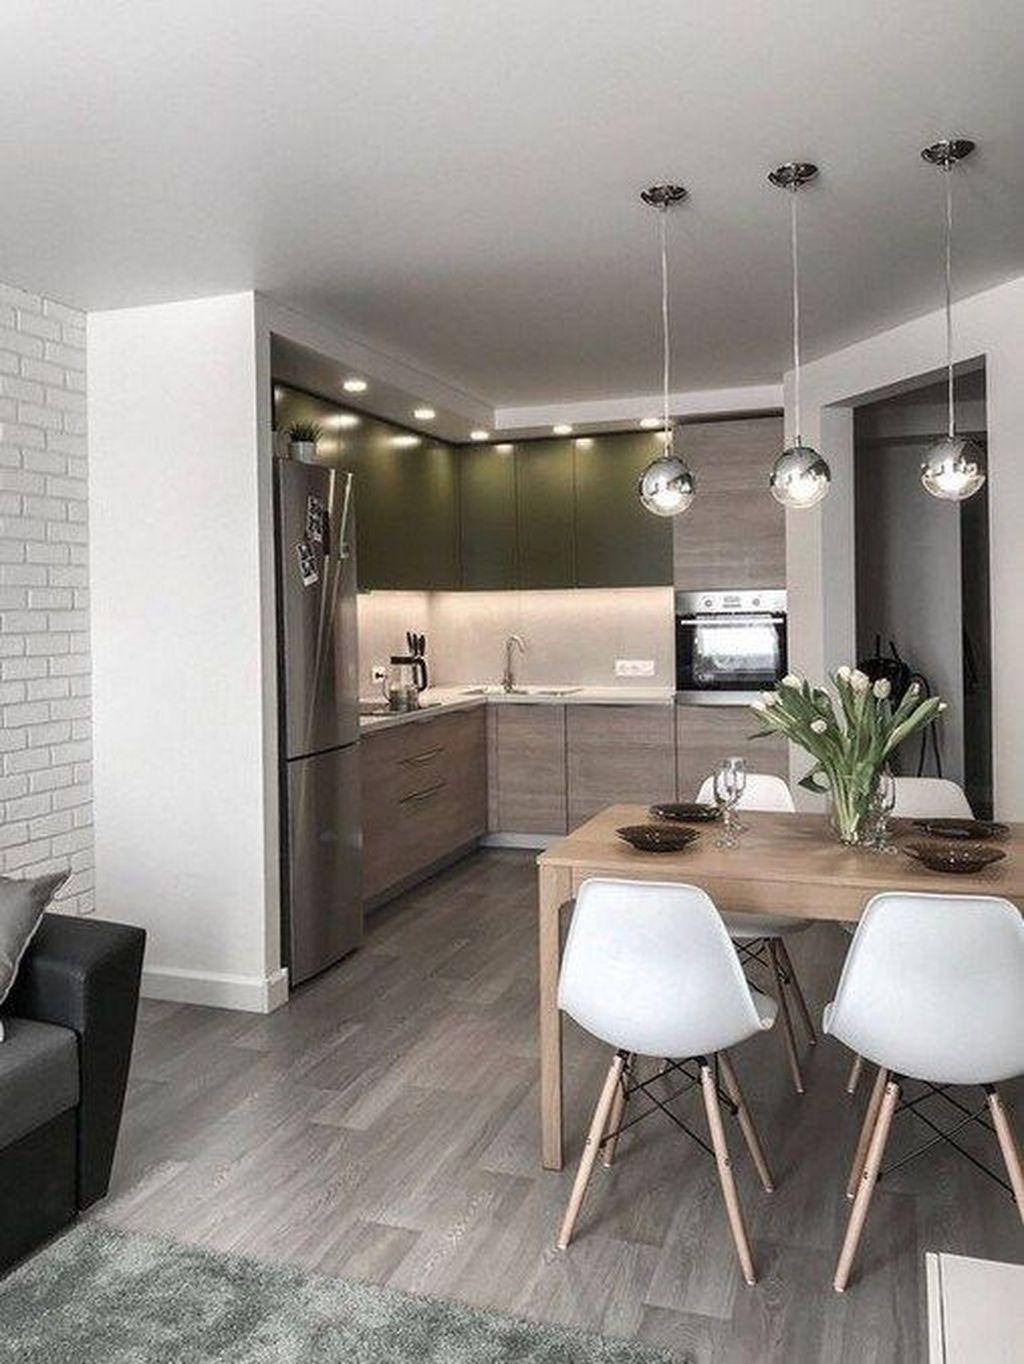 41 The Best Apartment Design Ideas Elegant Look In 2019 In 2020